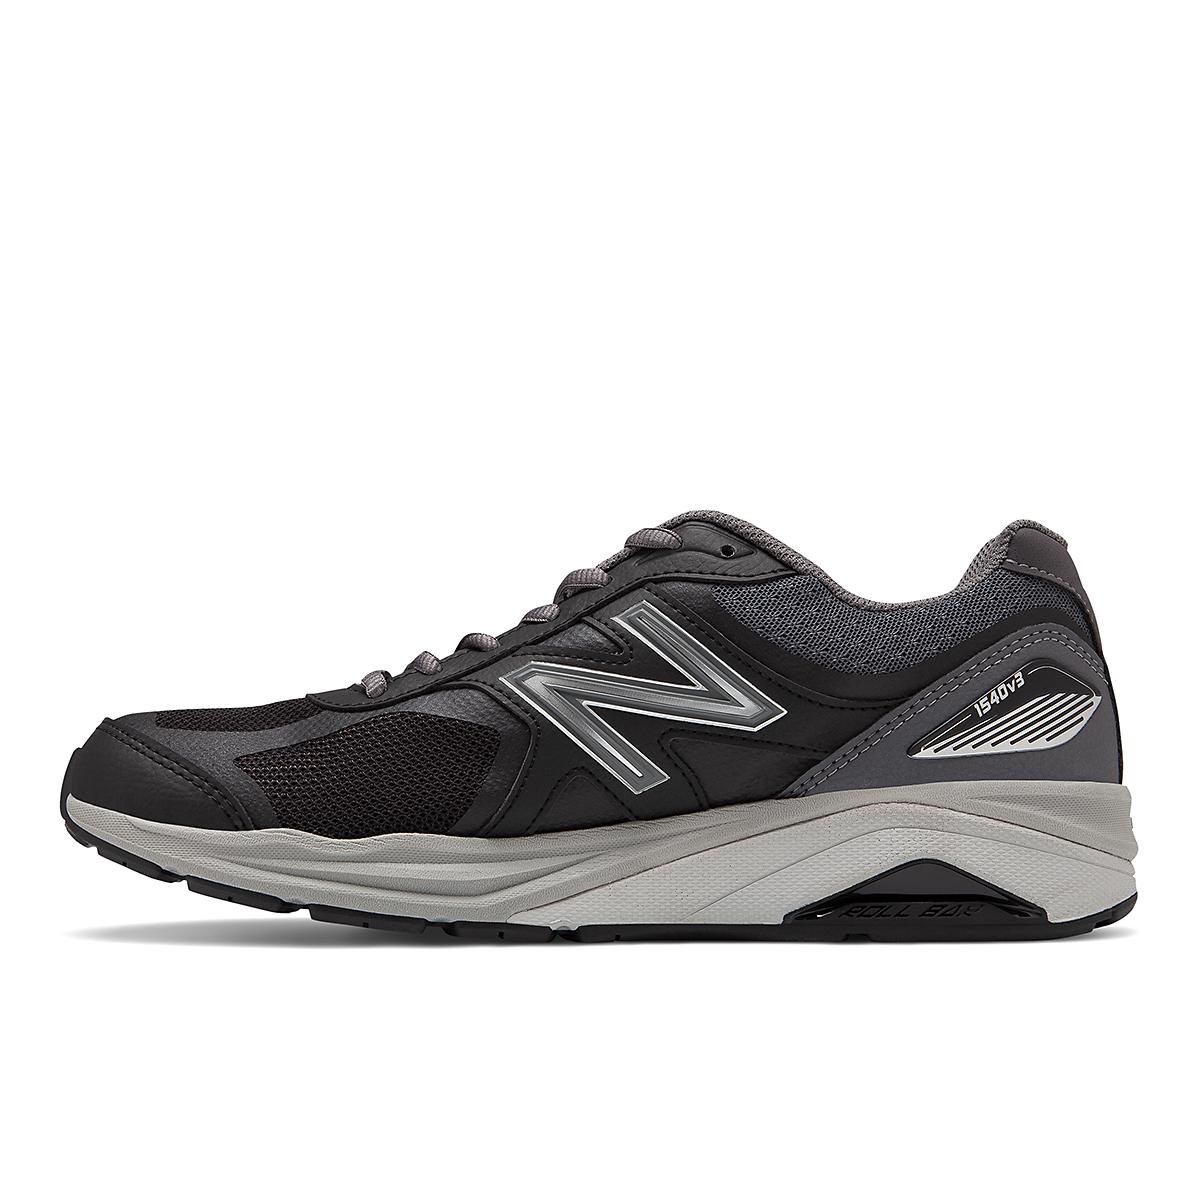 Men's New Balance 1540V3 Walking Shoe - Color: Black - Size: 7 - Width: Wide, Black, large, image 2